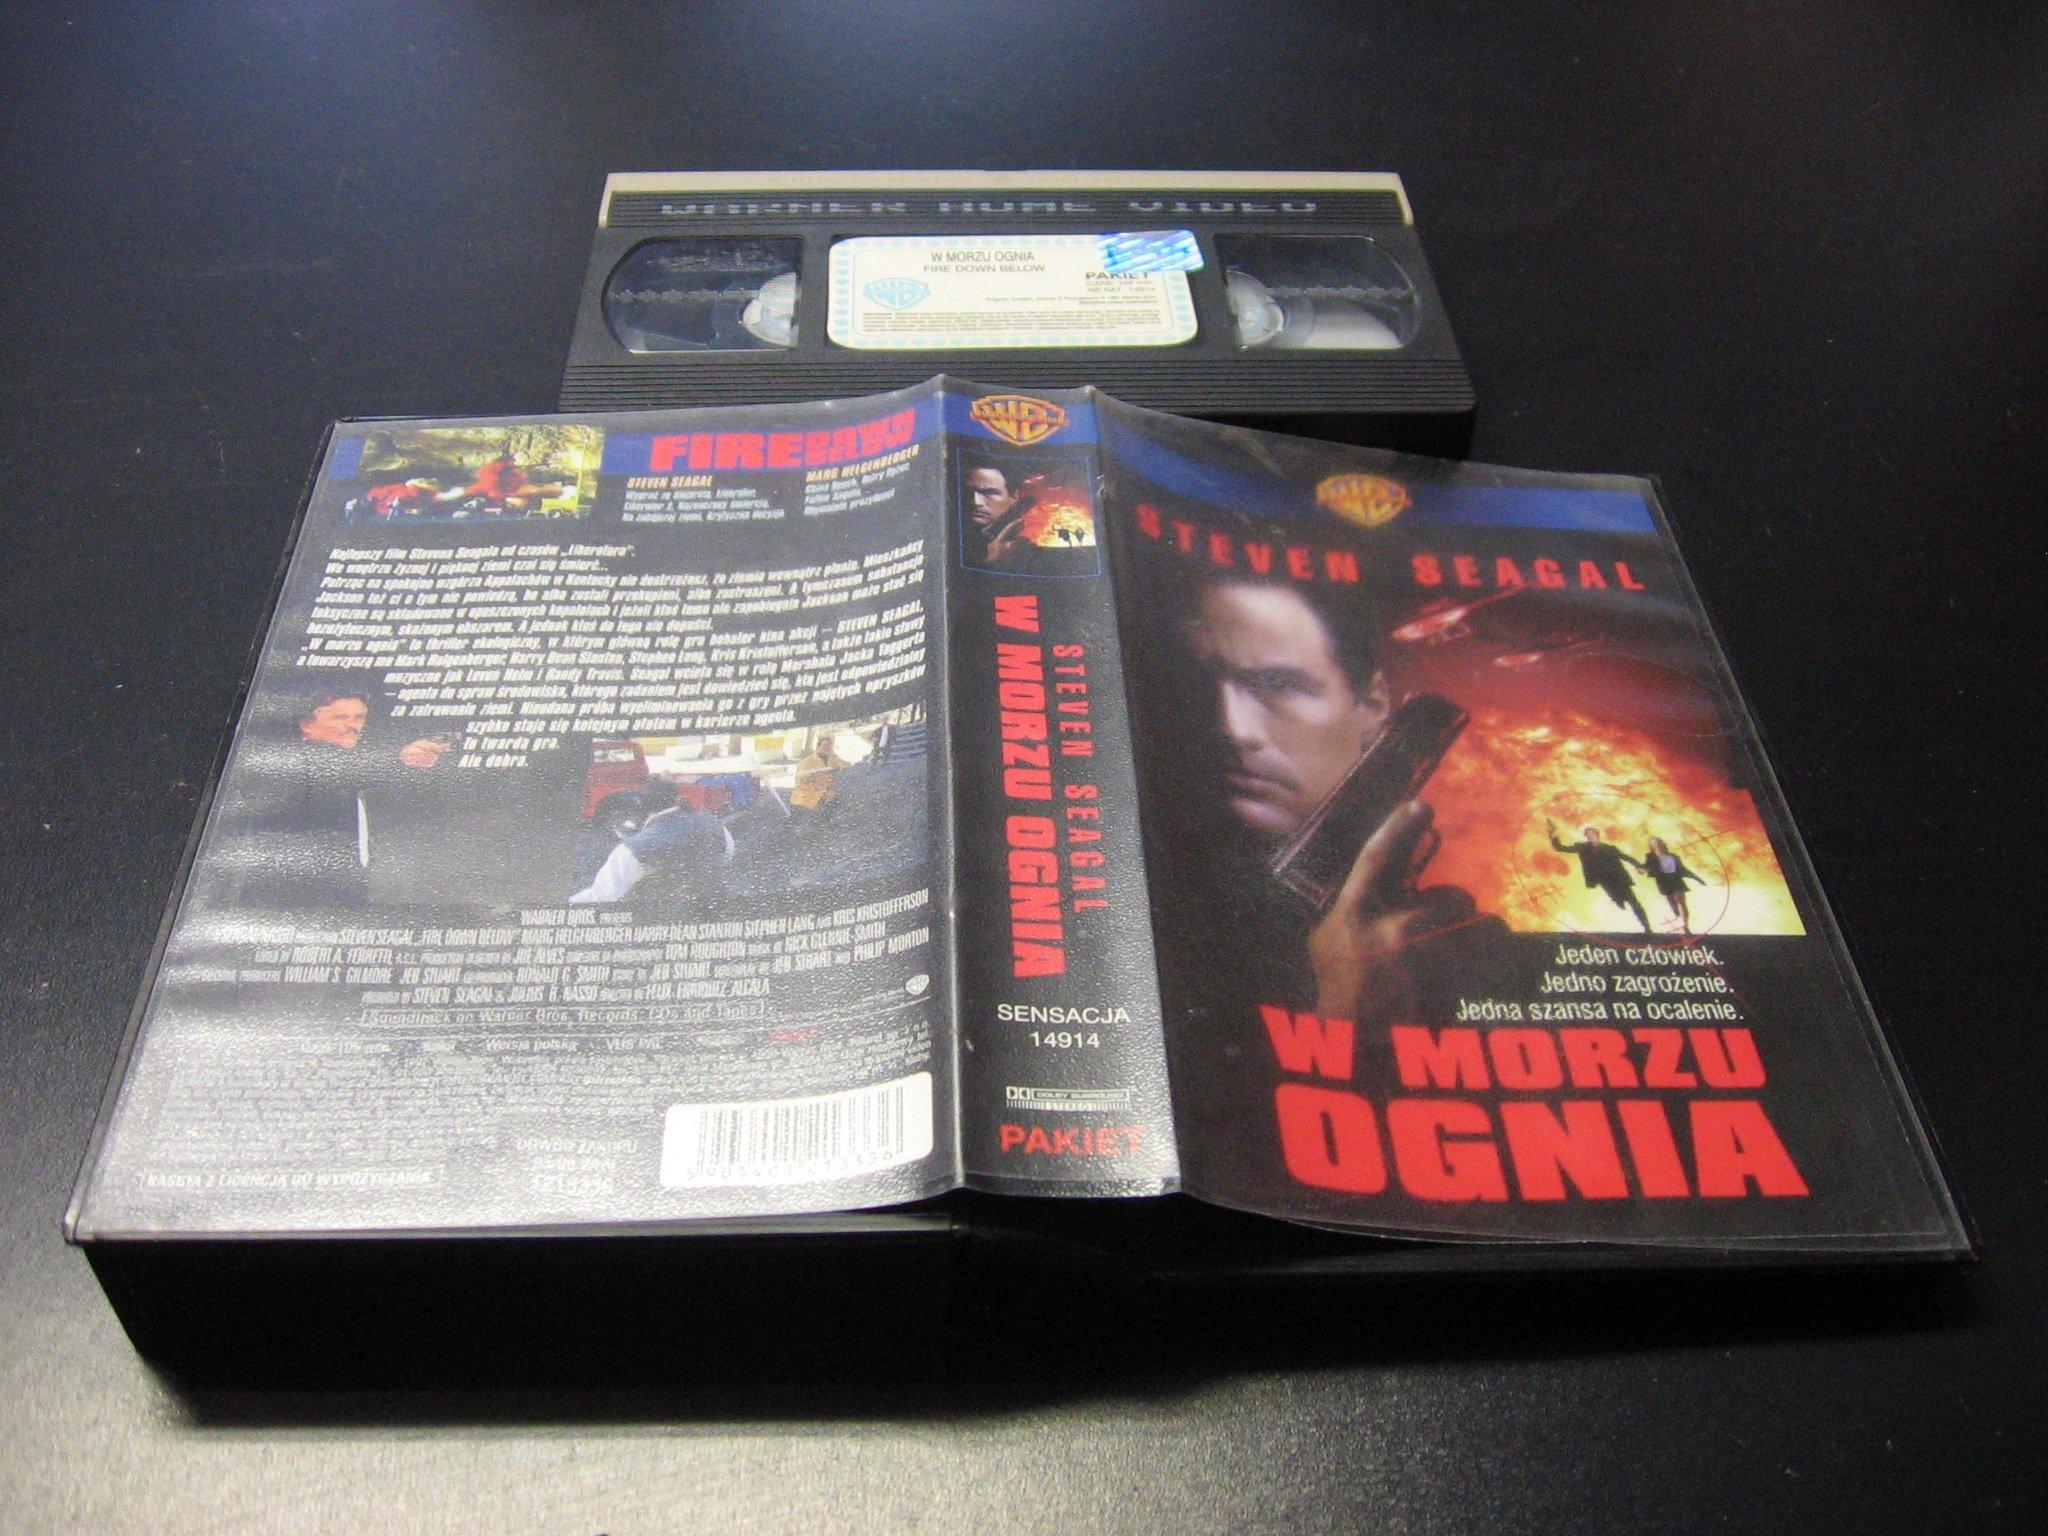 W MORZU OGNIA VHS - Opole 0018